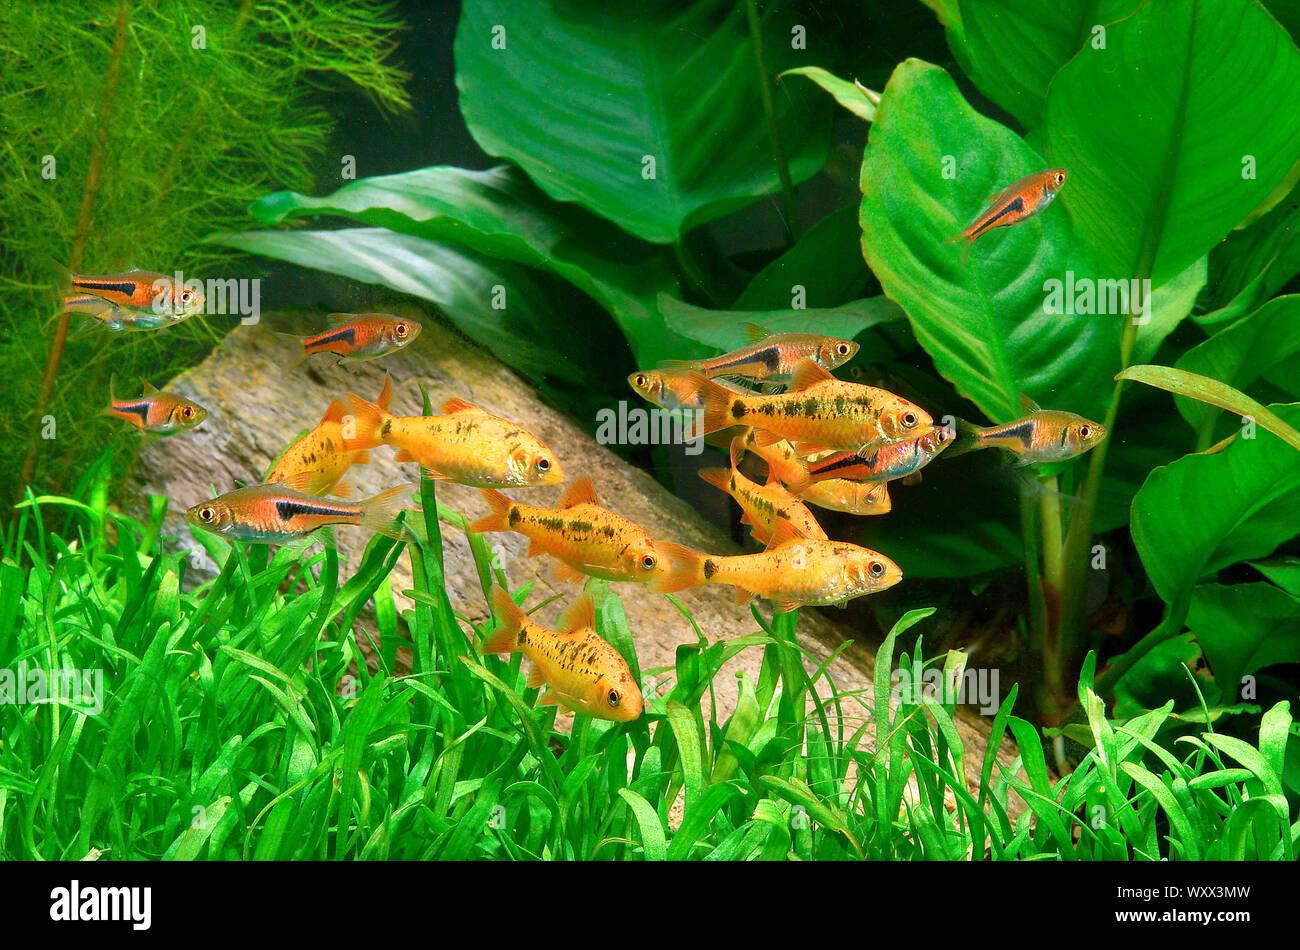 Gold barbs (Barbodes semifasciolatus) and Lambchop rasboras (Trigonostigma espei) in aquarium Stock Photo